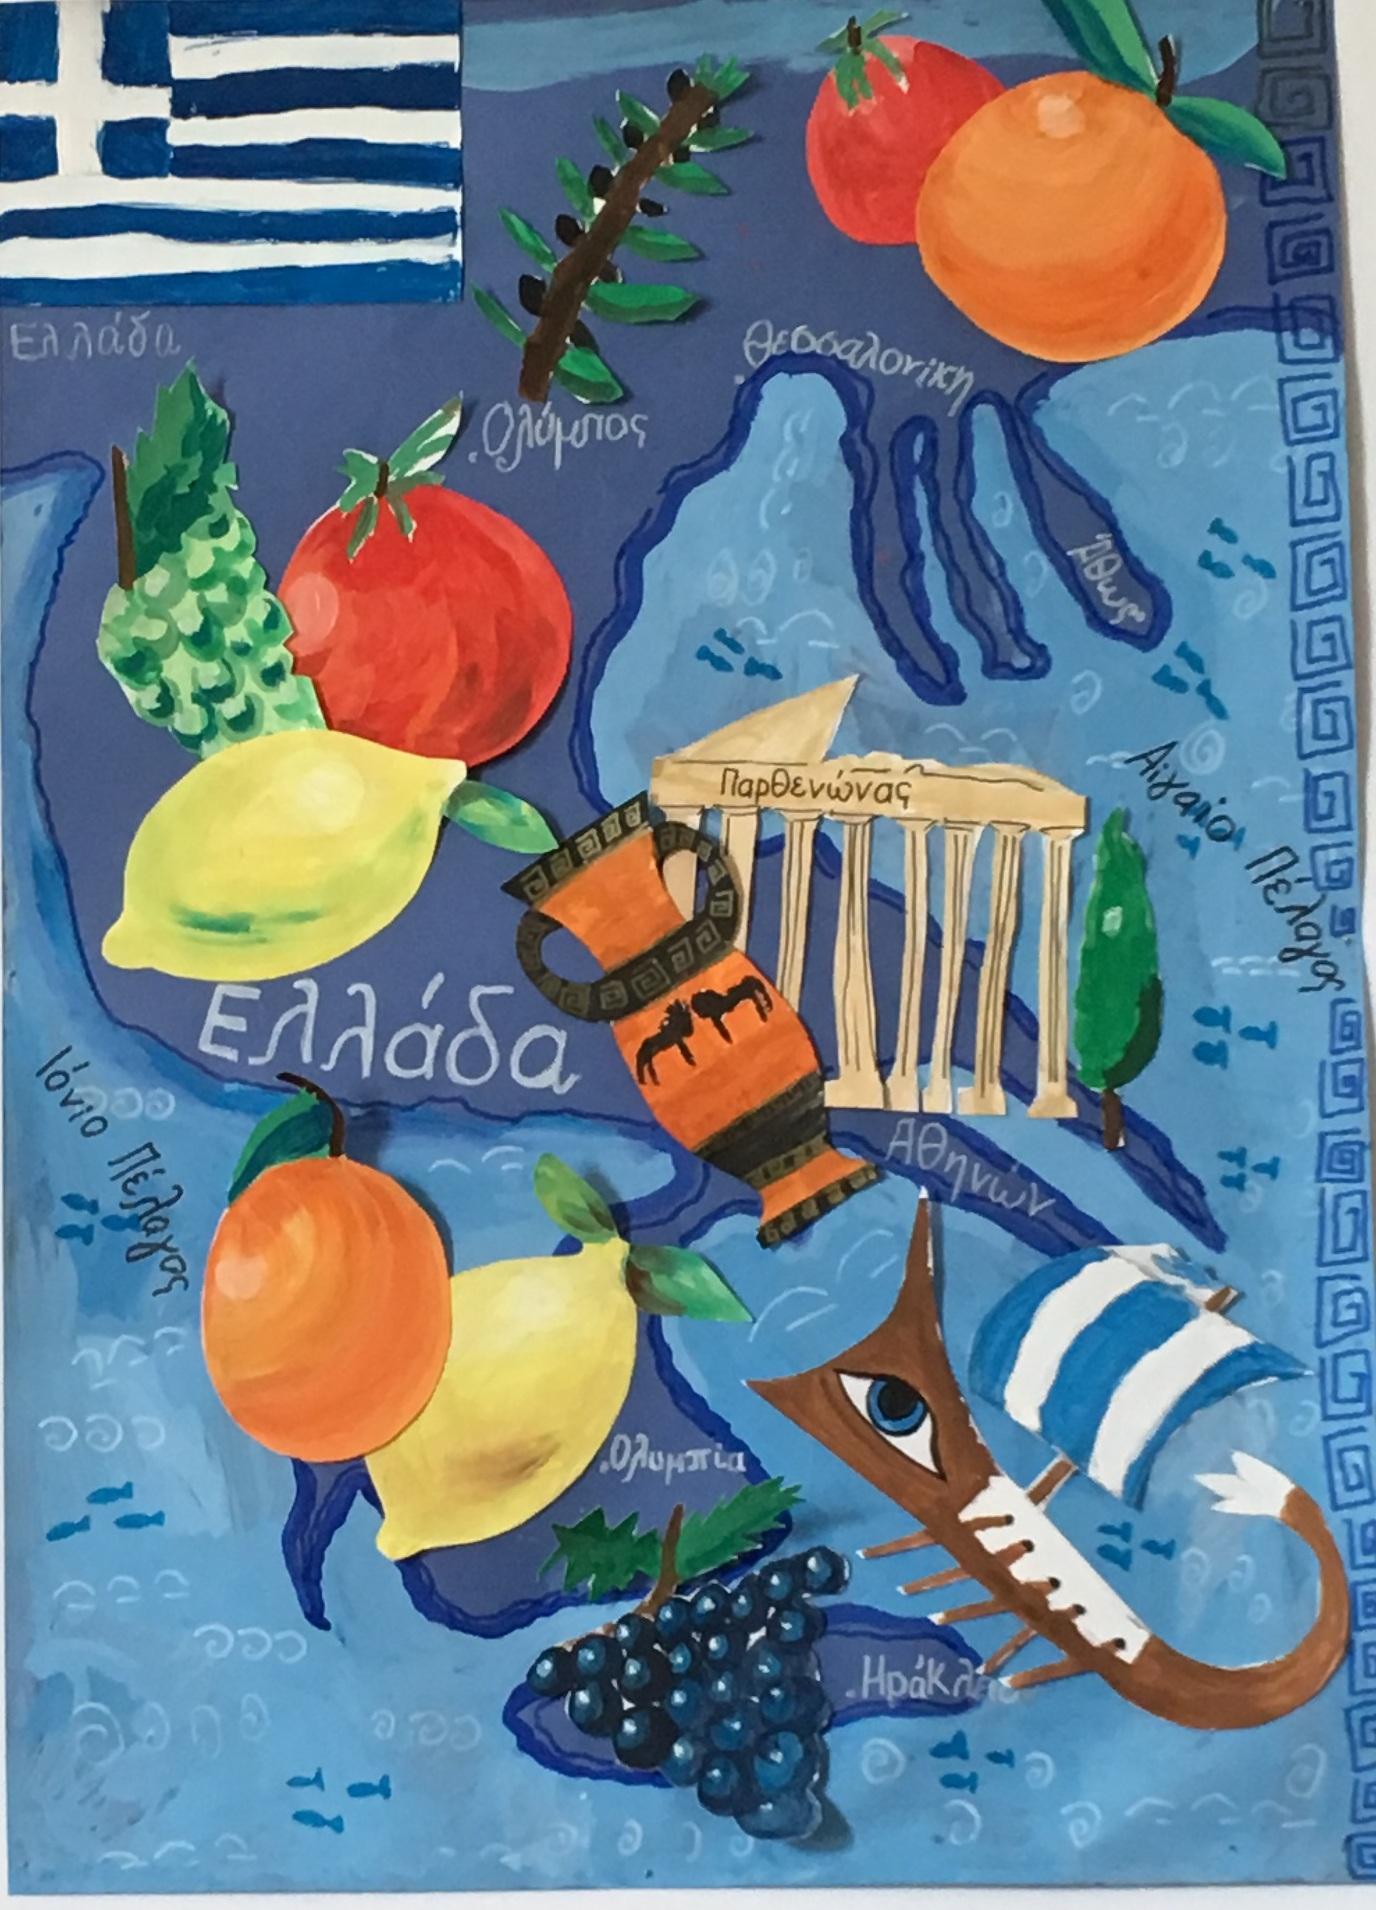 Таисия Руванская, 8 лет, Карта Греции. Студия МАХАОН. Новороссийск